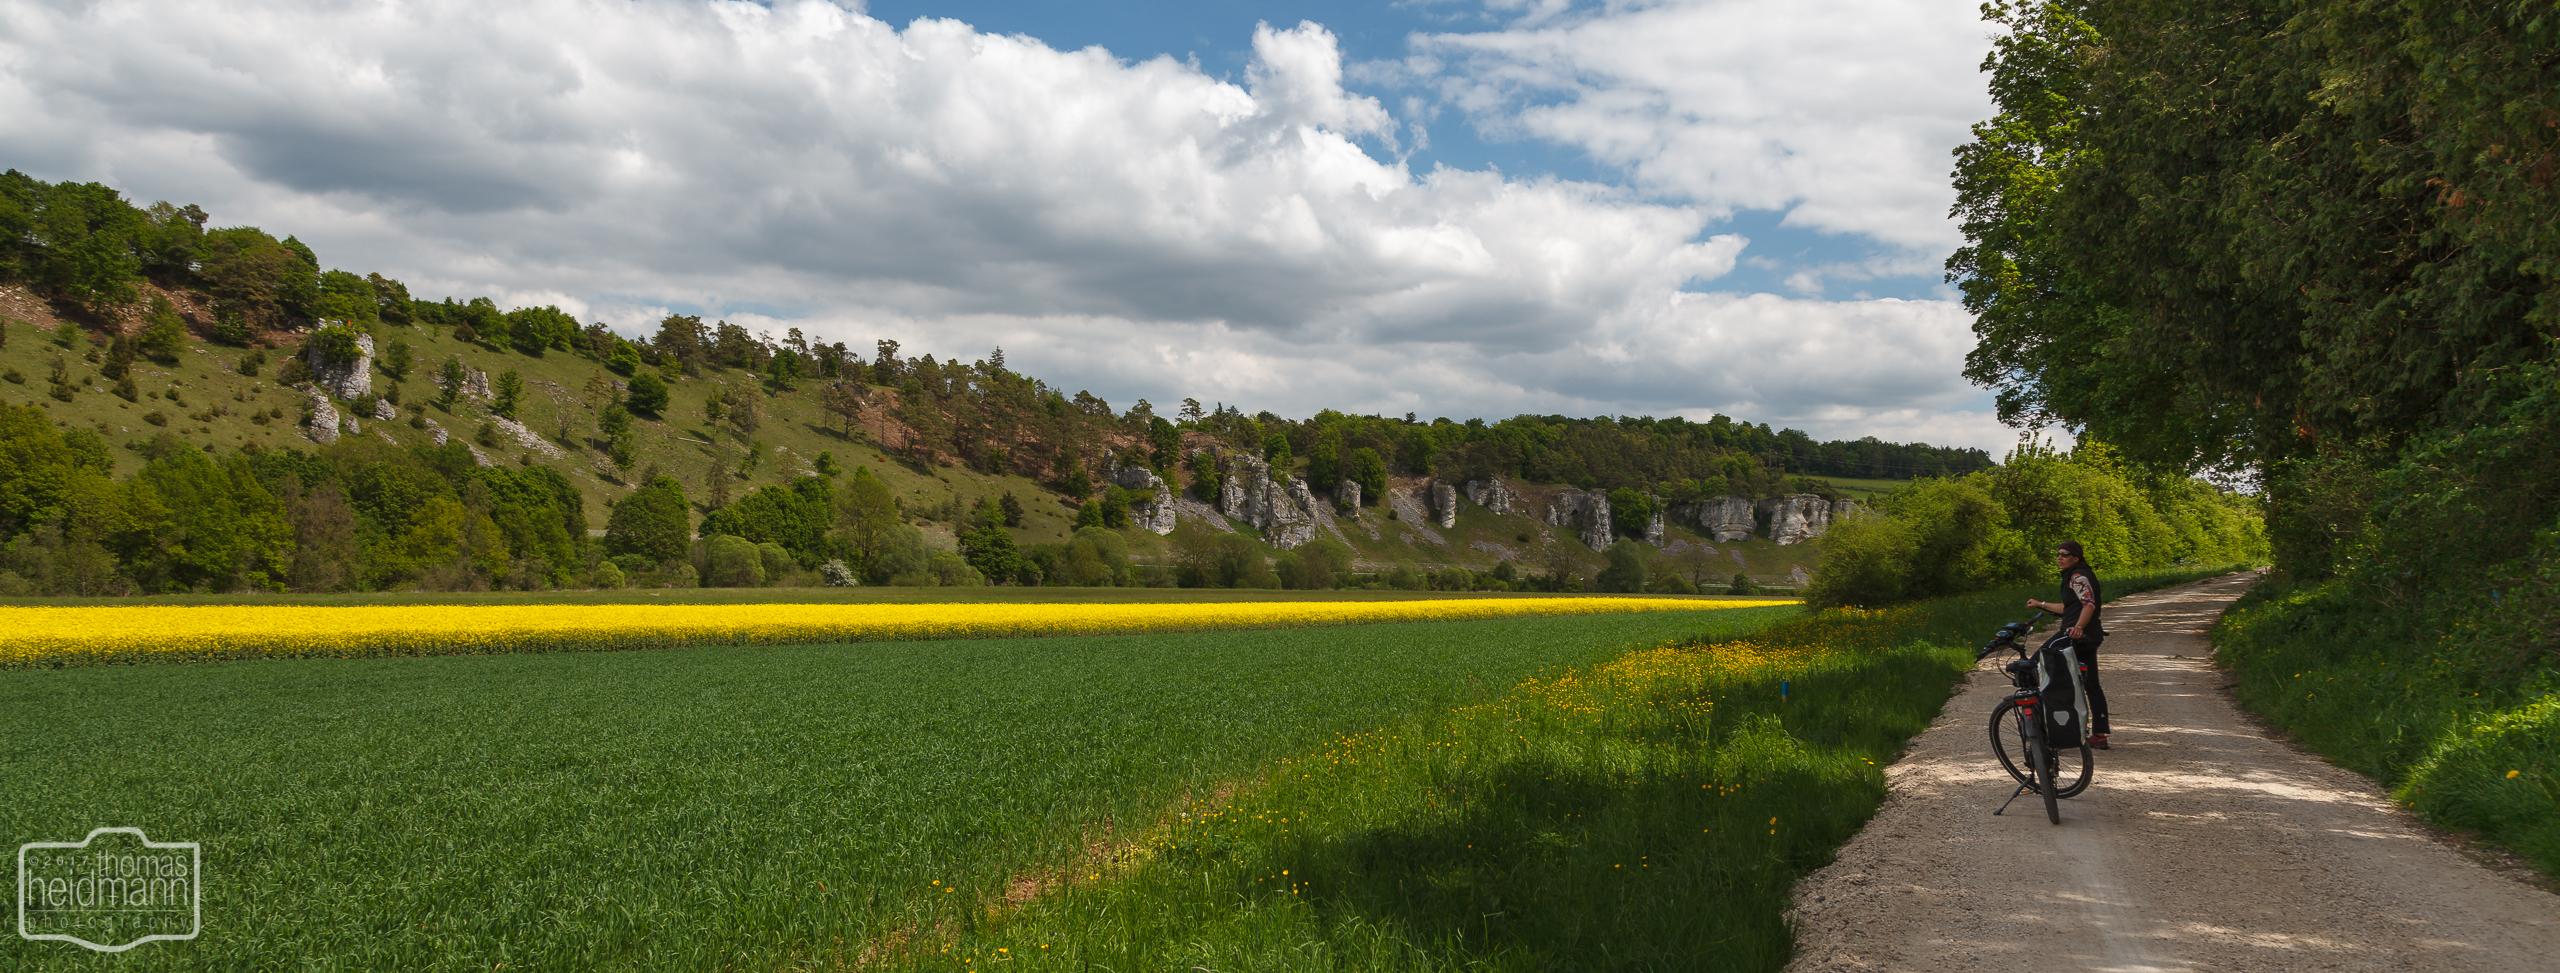 Die zwölf Apostel im Naturpark Altmühltal